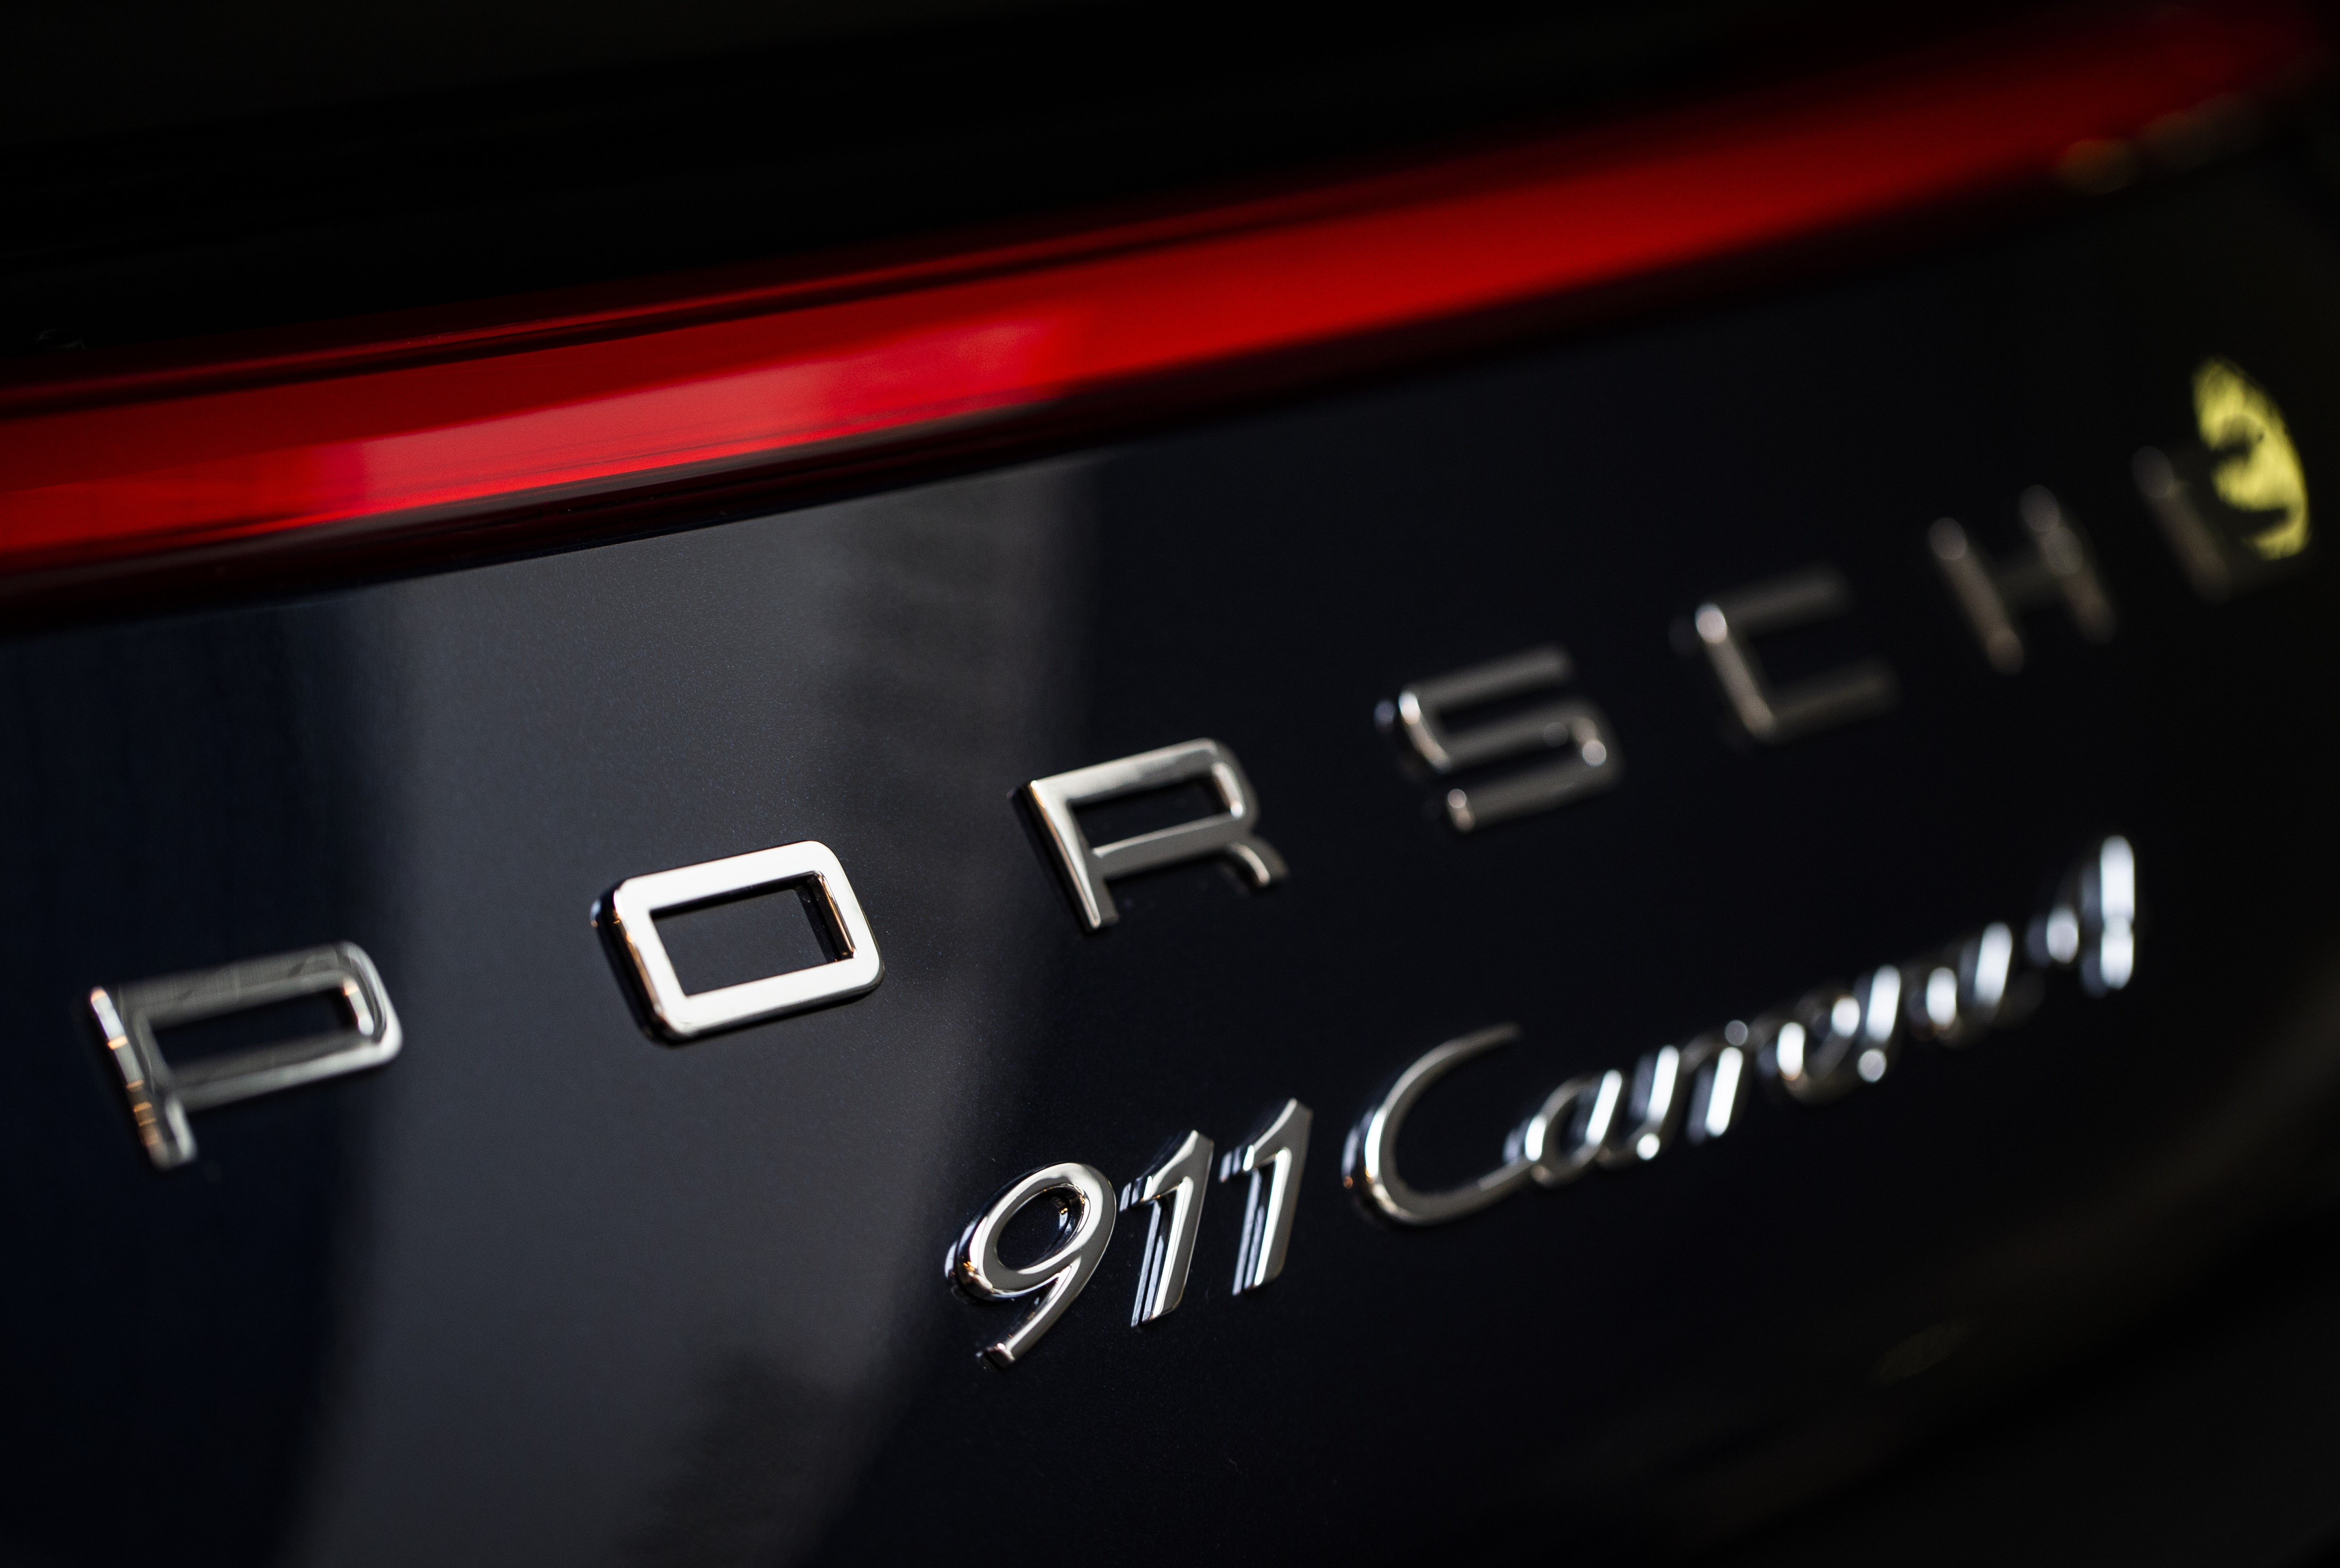 Noul Porsche Cayenne, promovat cu film turnat la noi în țară. Cum au fost convinși să aleagă România